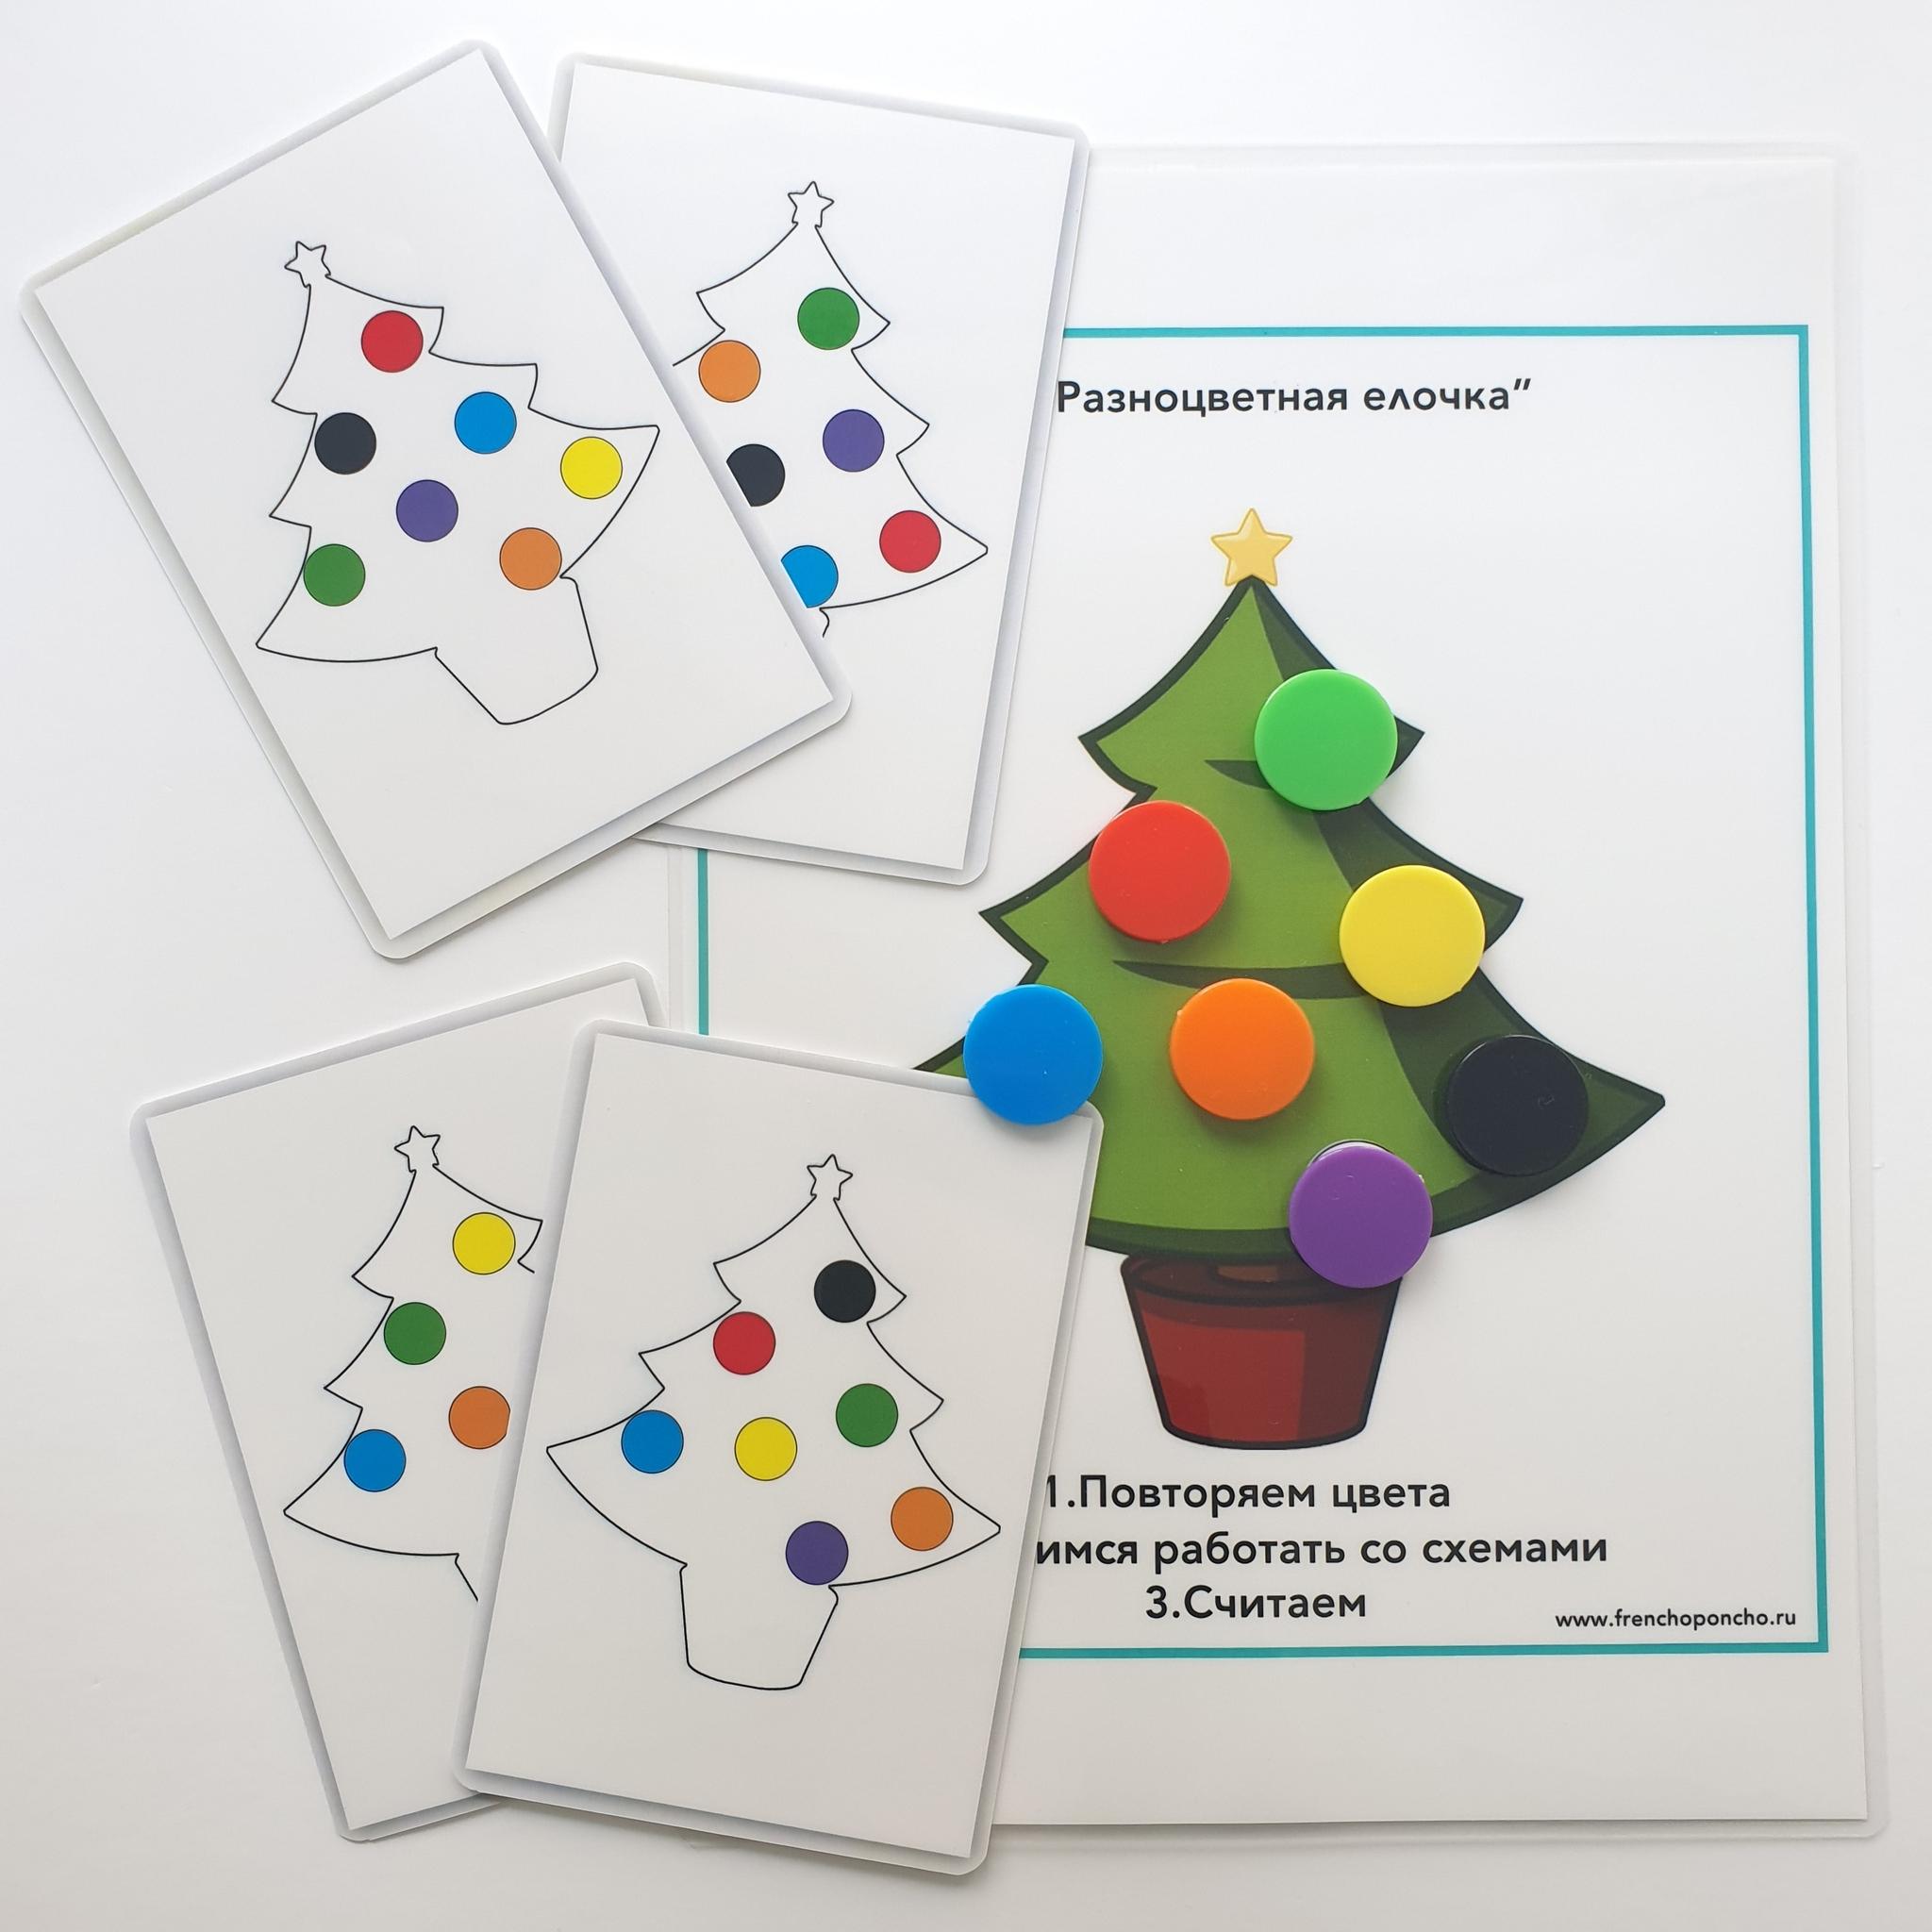 разноцветная елочка и схемы